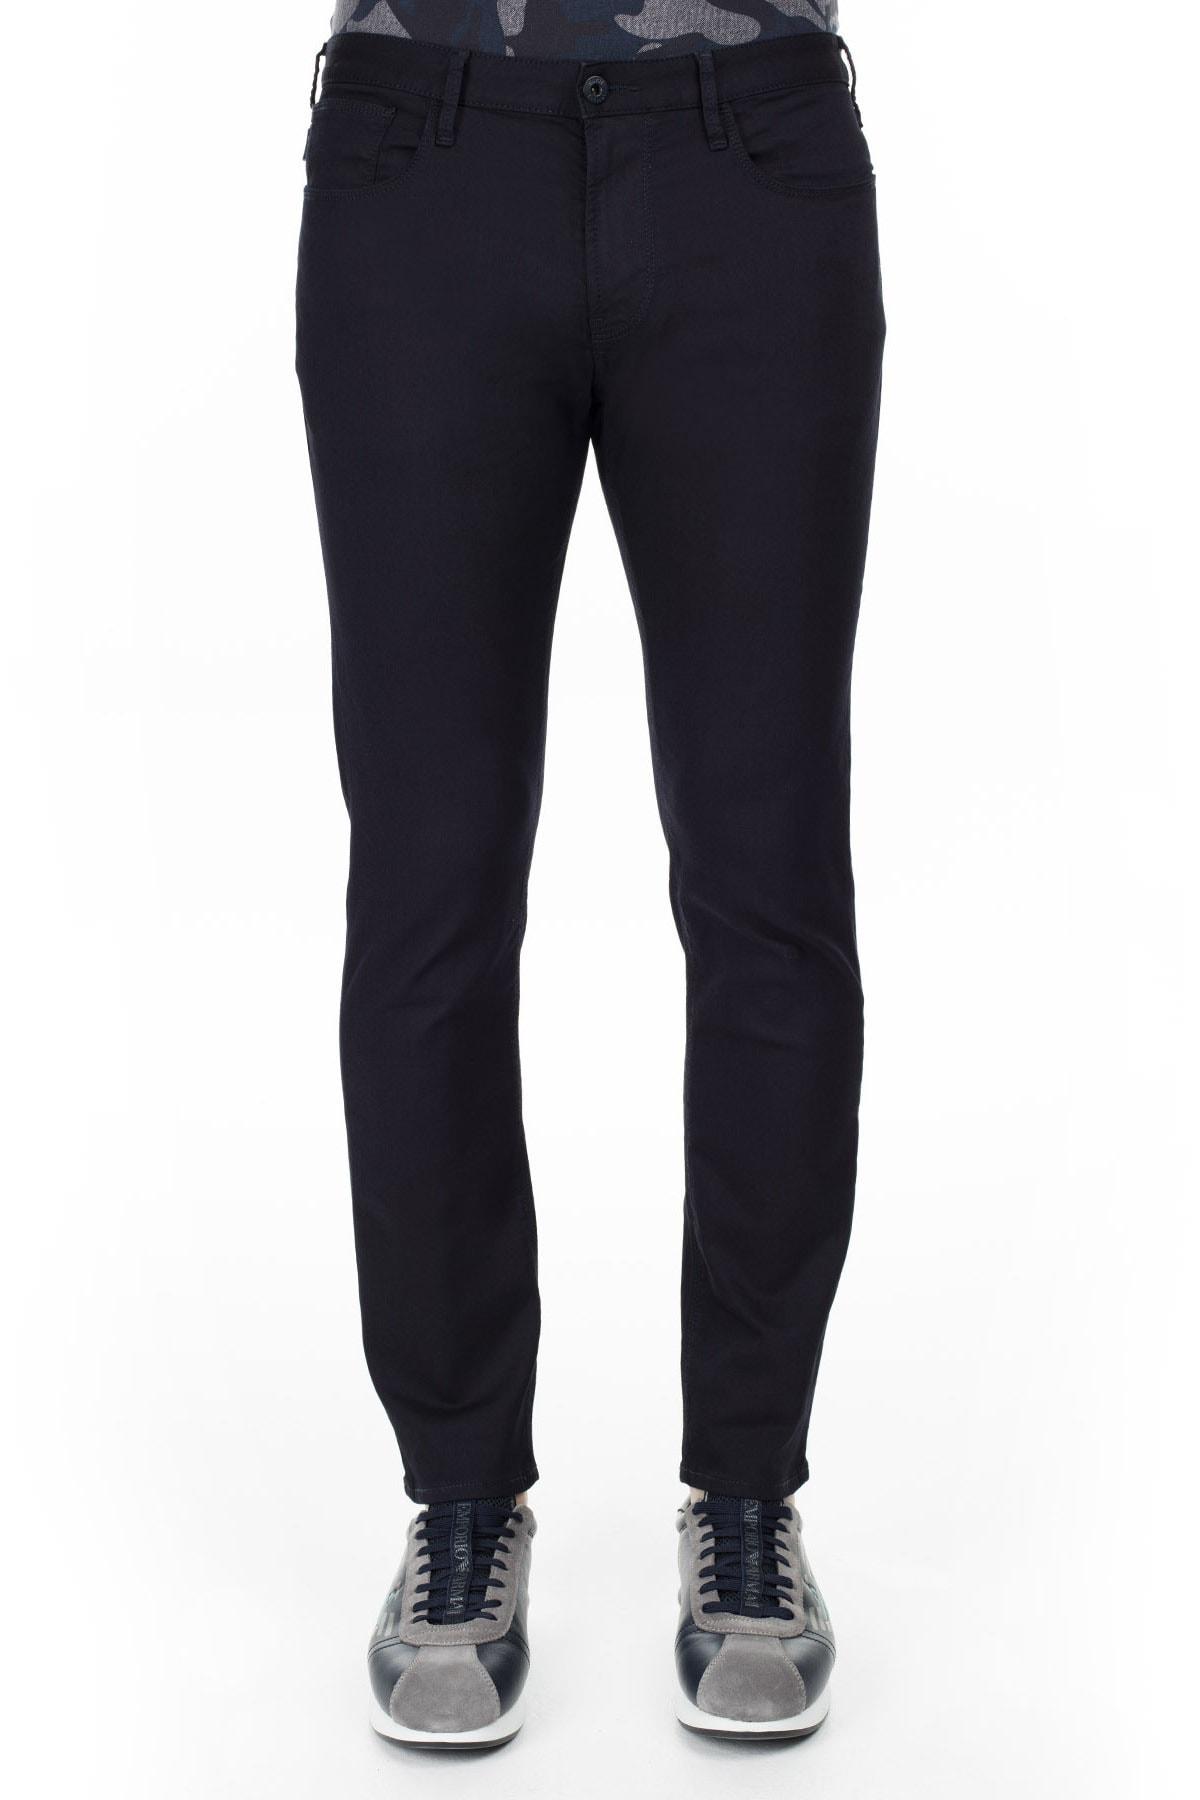 Armani Jeans Armani J06 Jeans Erkek Pamuklu Pantolon 3Y6J06 6N00Z 0519 2